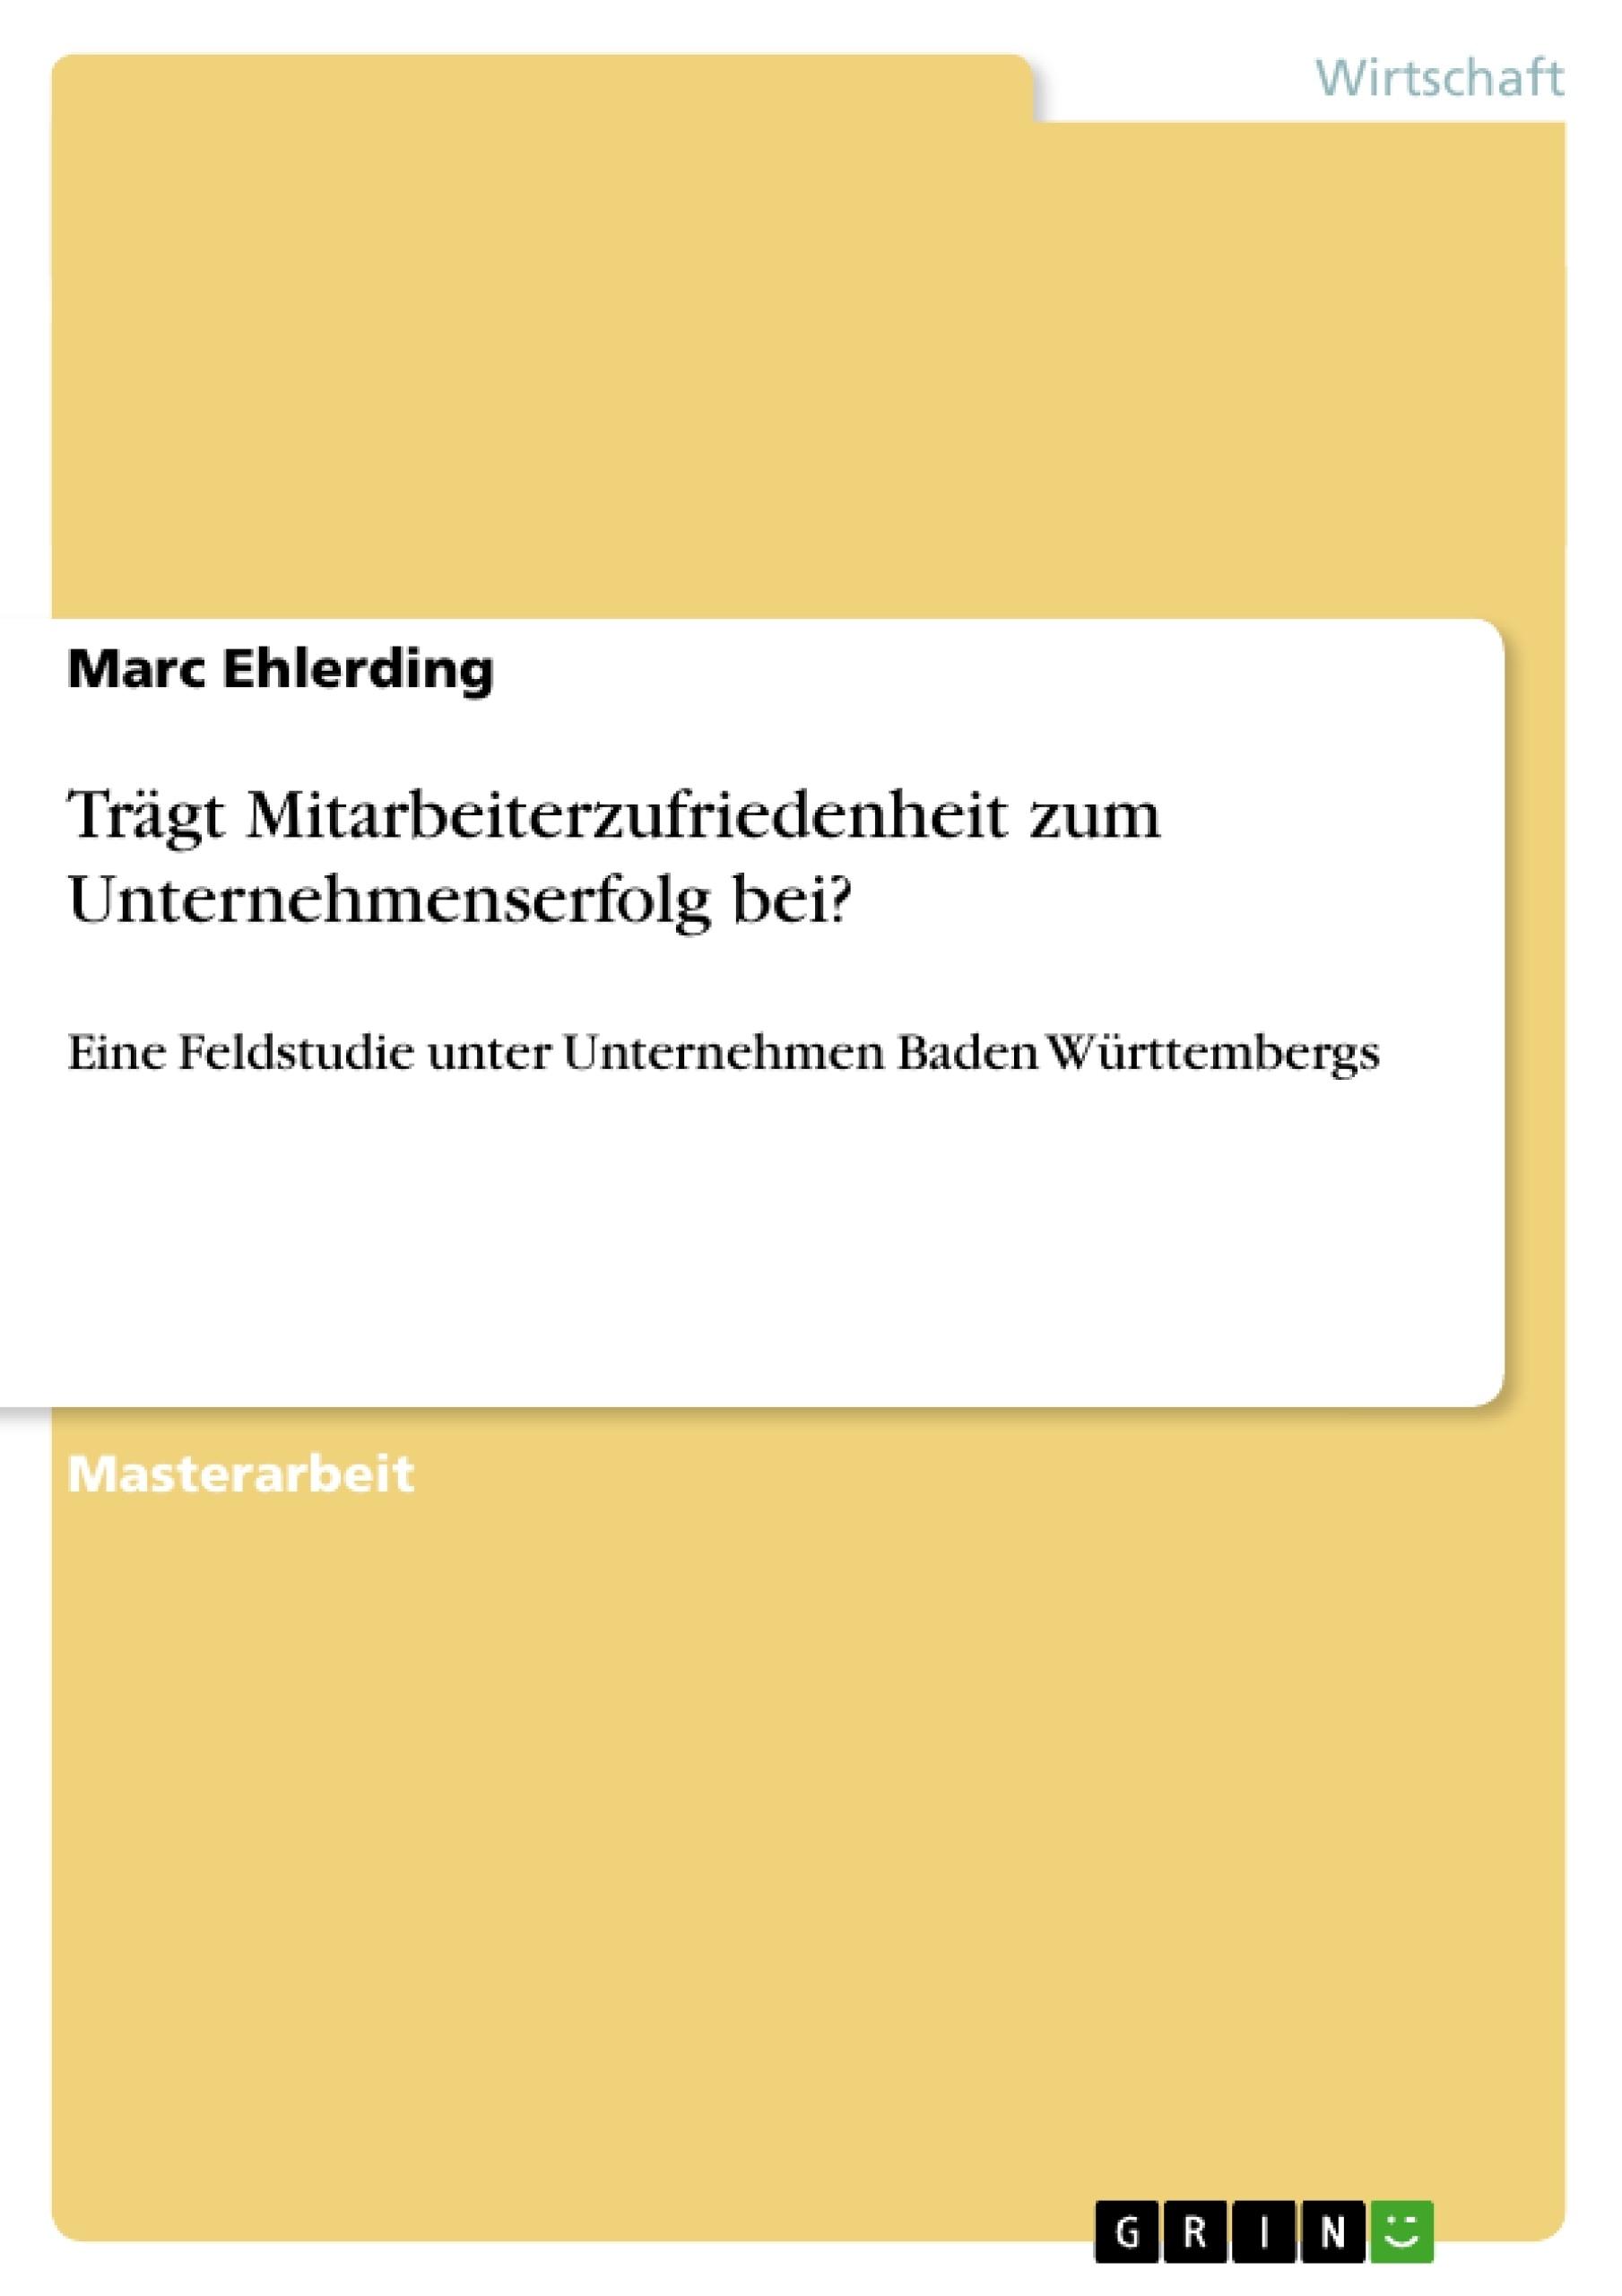 Titel: Trägt Mitarbeiterzufriedenheit zum Unternehmenserfolg bei?